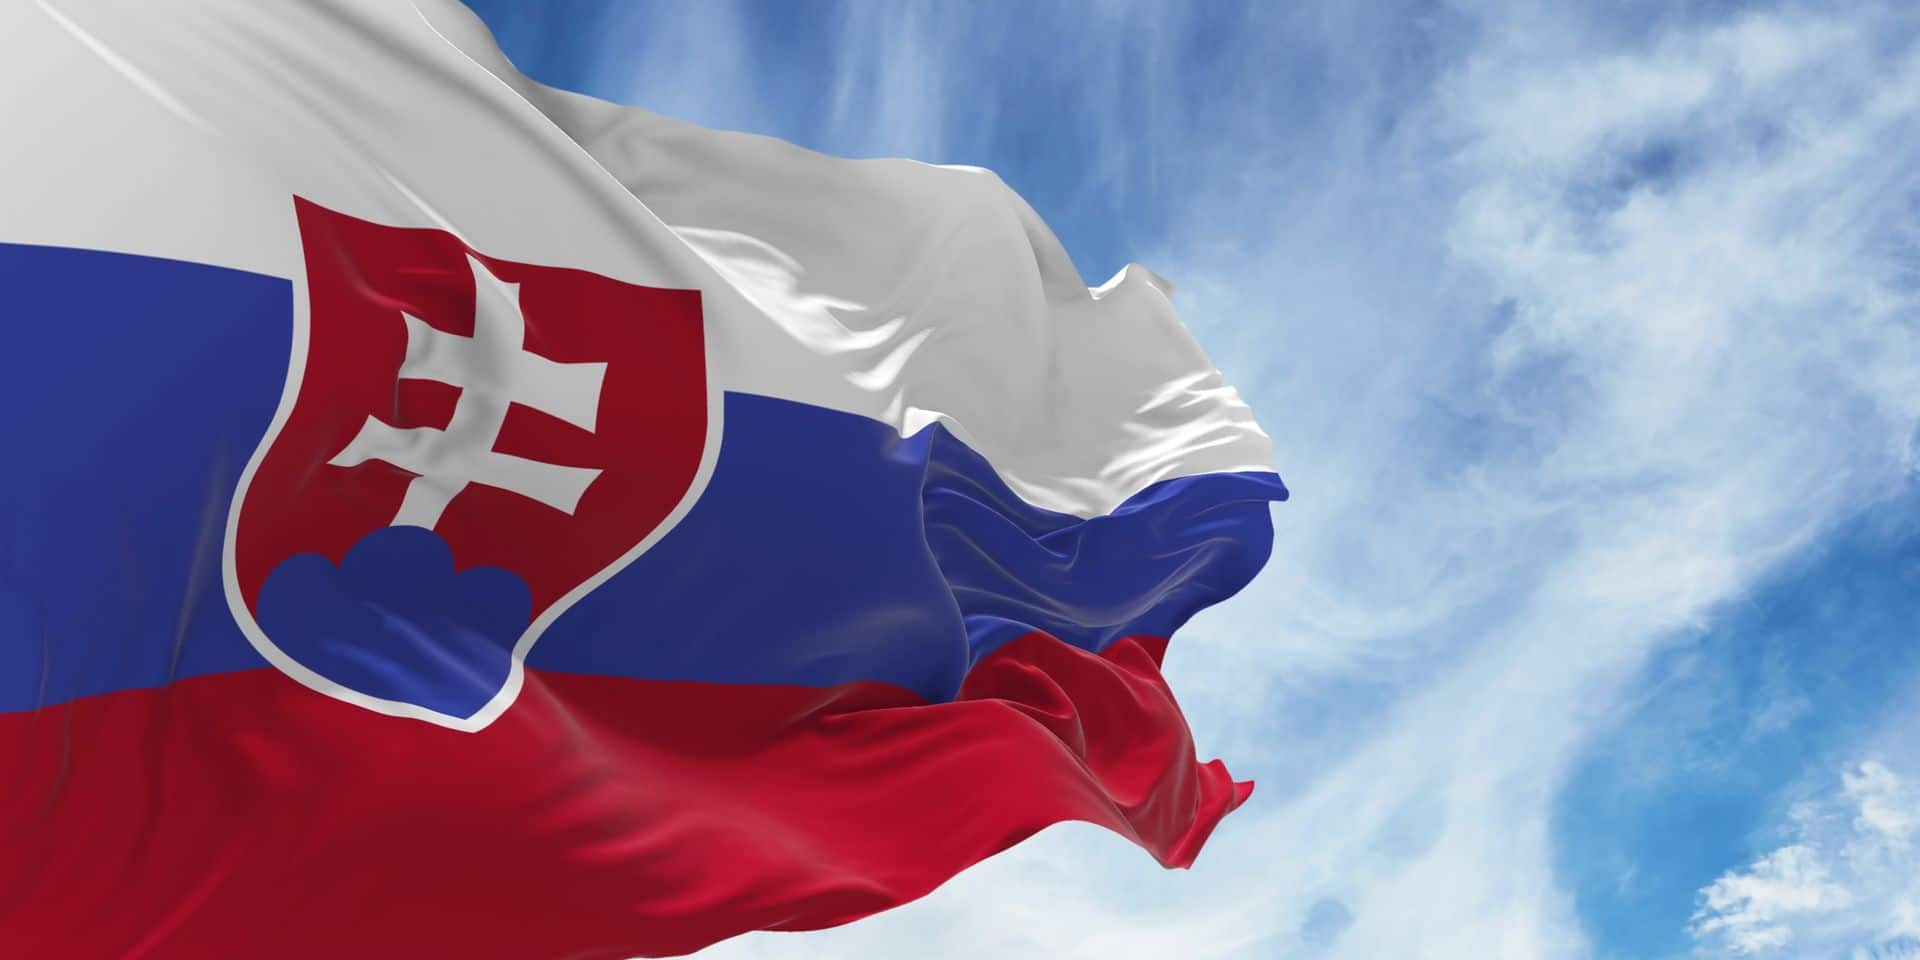 Le chef de l'organe de surveillance de la police slovaque arrêté pour corruption